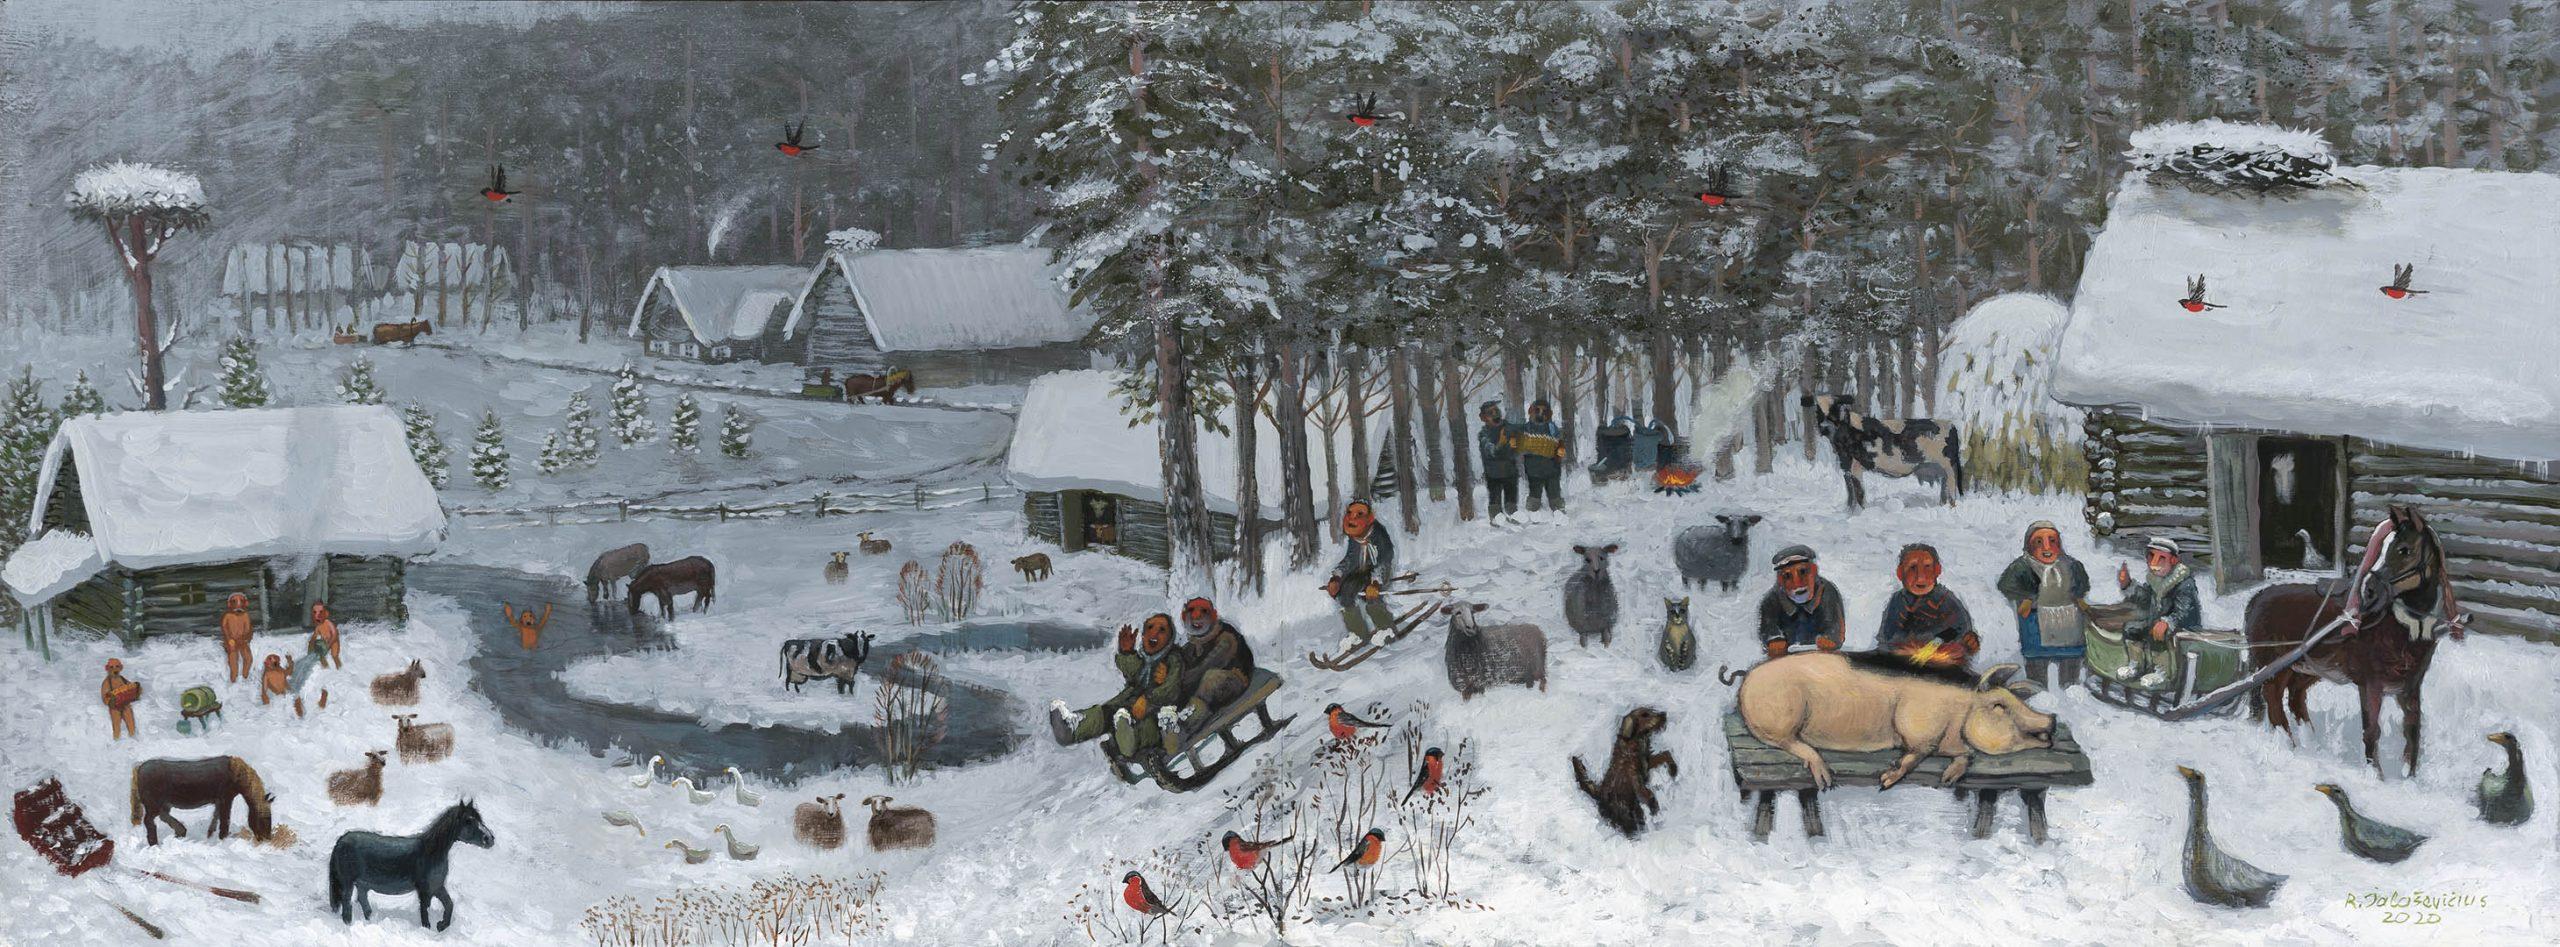 """Raimondas Šalaševičius. """"Kalėdų metas"""", 2020 m. Medžio plokštė, aliejus, akrilas; 60 x 160 cm (Pirmoji Monikos Bičiūnienės premija)"""